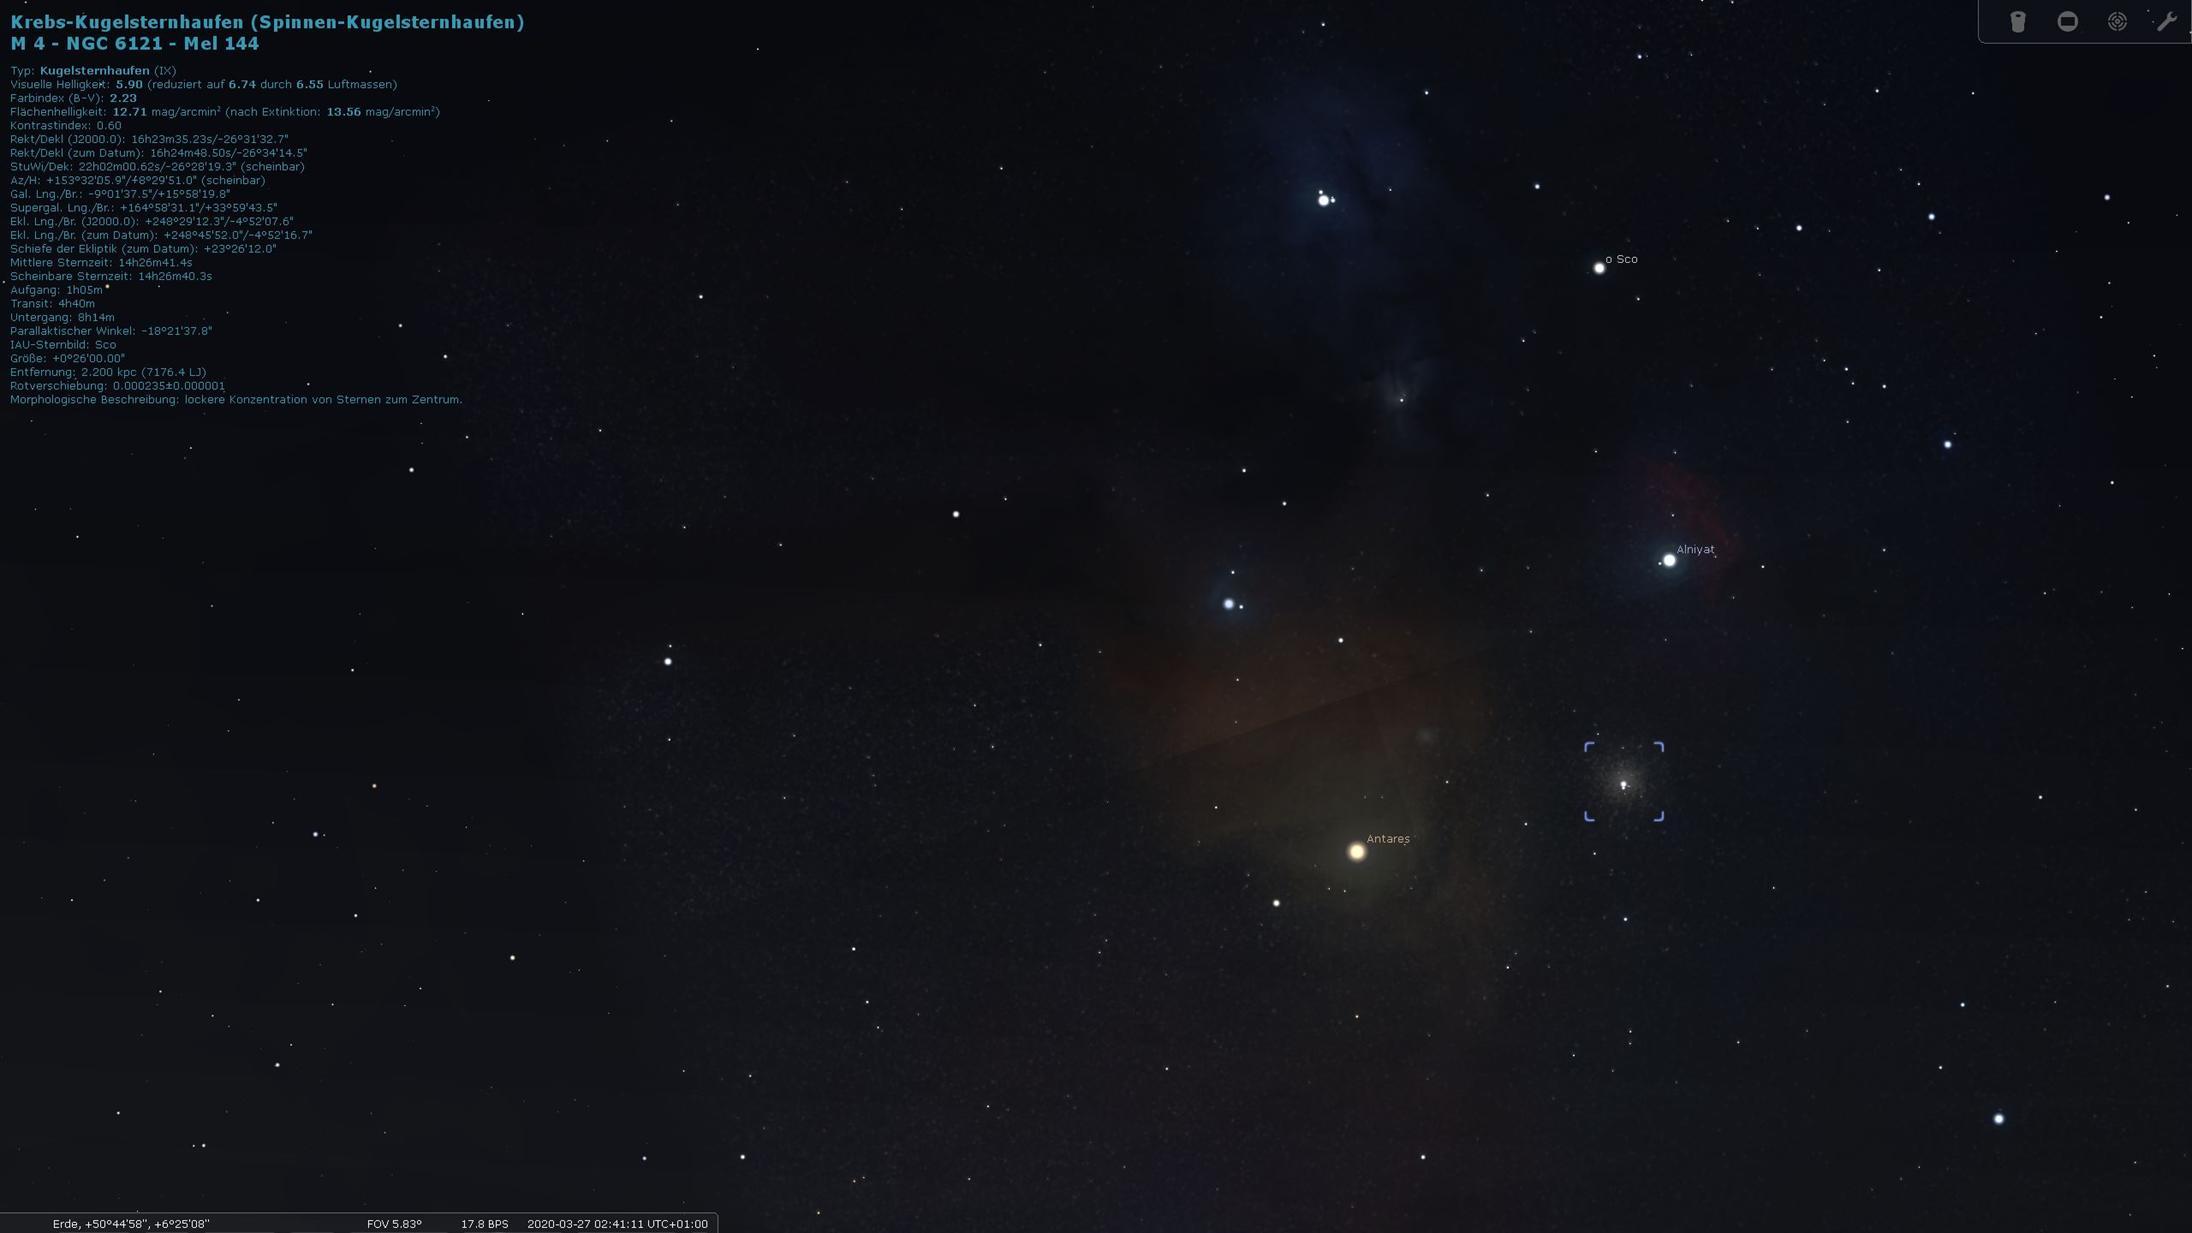 Stellarium - Bildausschnitt durch Zoomen und Verschieben dem Ausschnitt des Fotos weitgehend angepasst